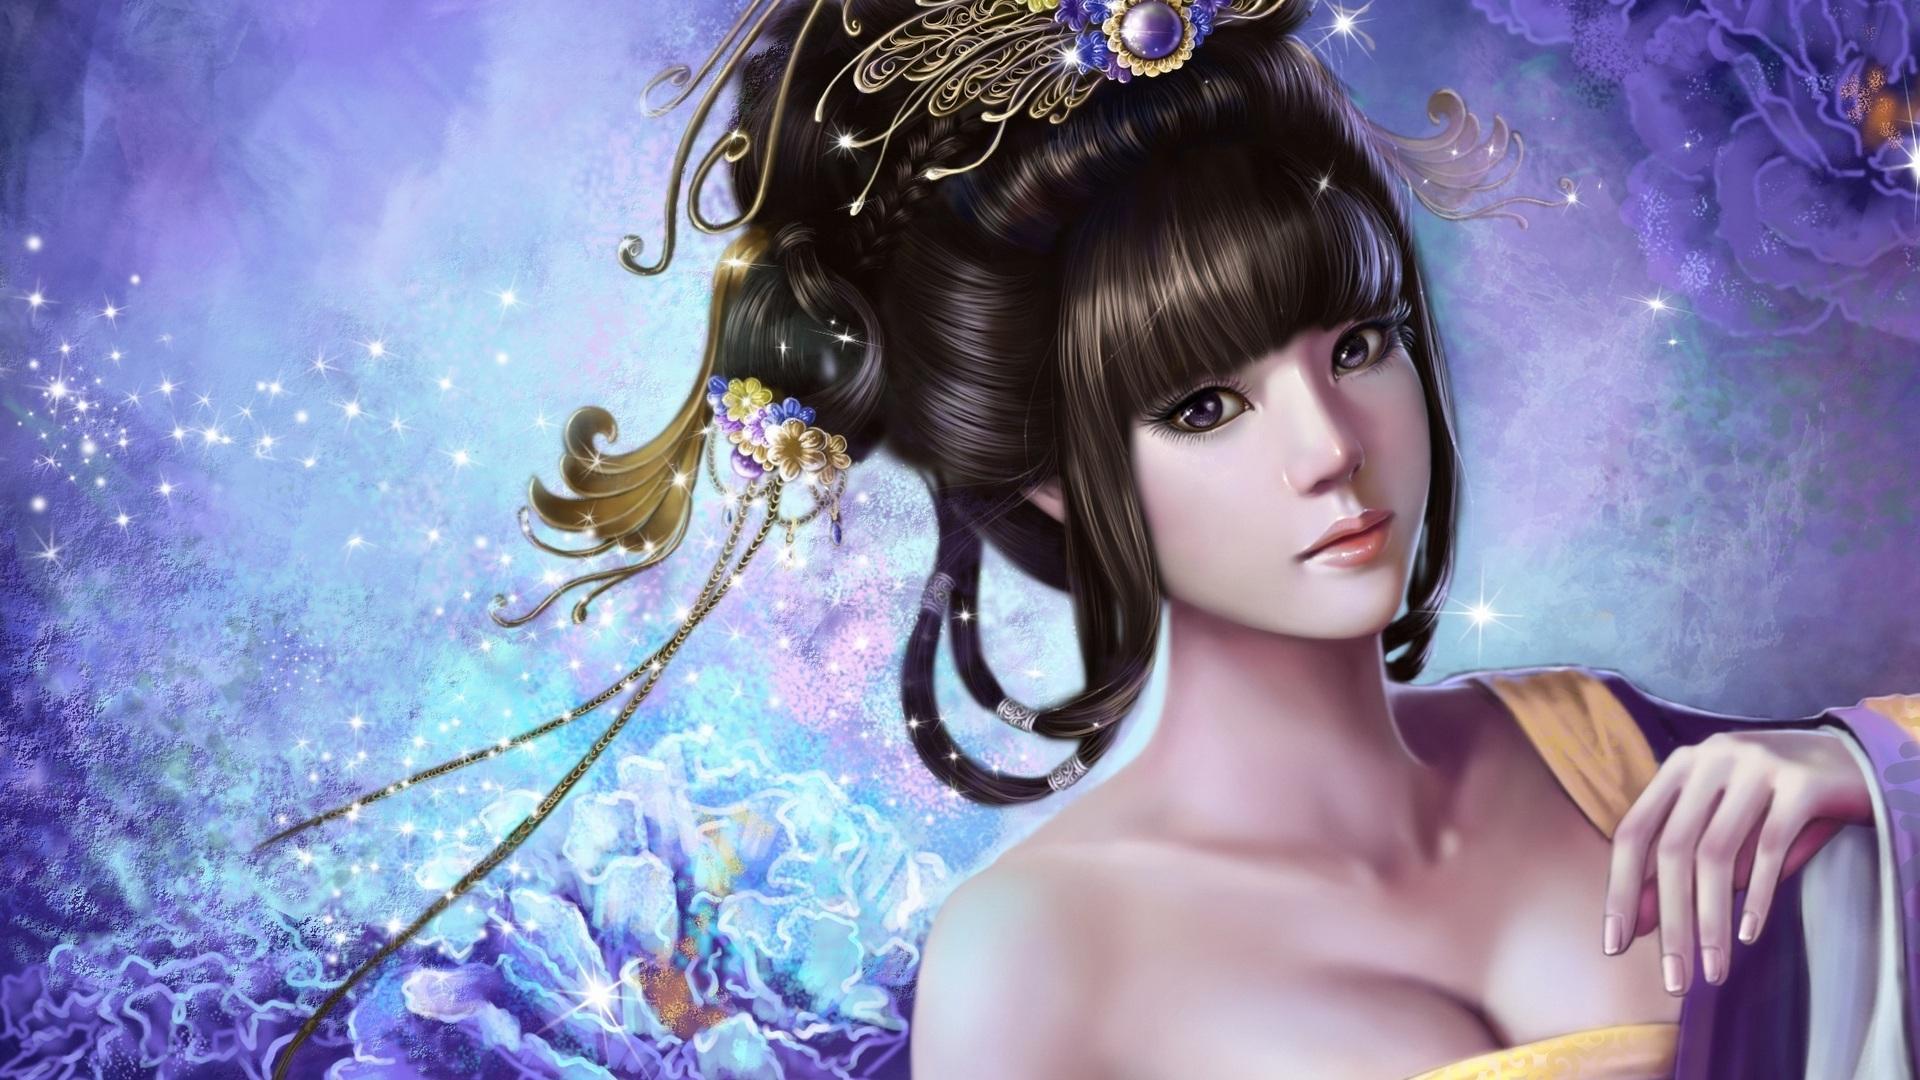 48 beautiful hd anime wallpaper on wallpapersafari - Beautiful anime wallpaper hd ...